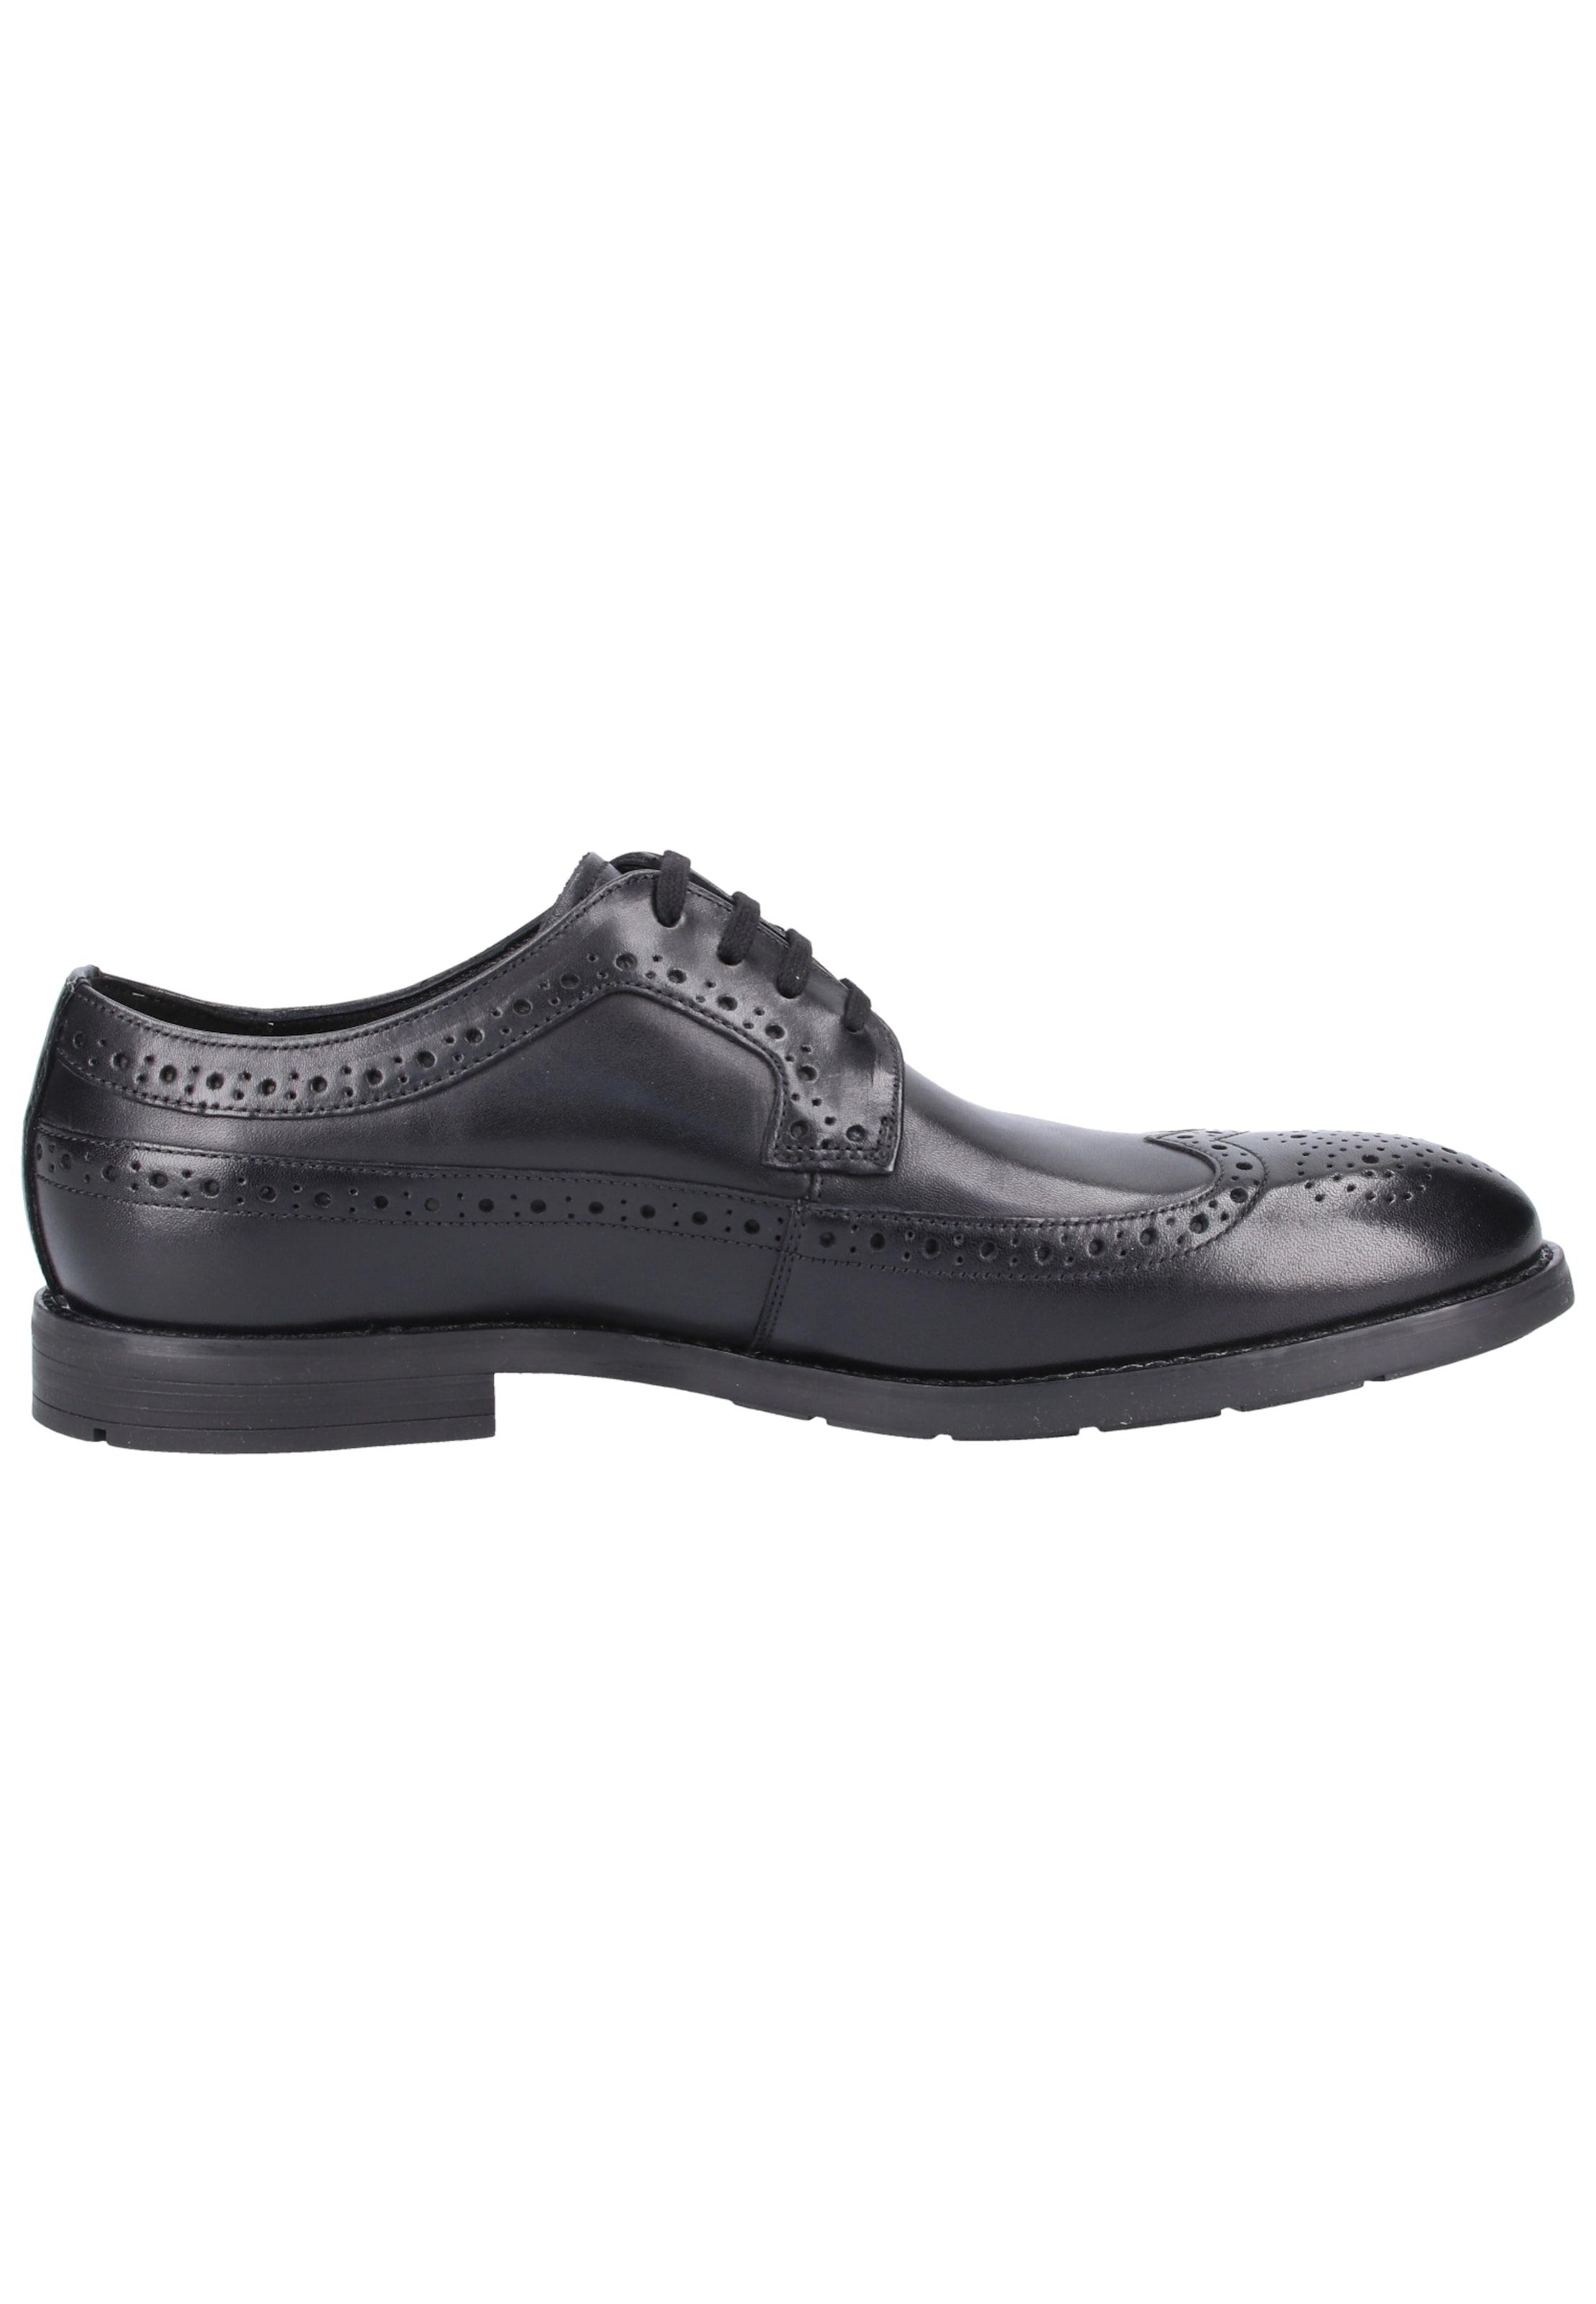 Chaussure Lacets En Clarks À Noir c5AL3Rj4qS